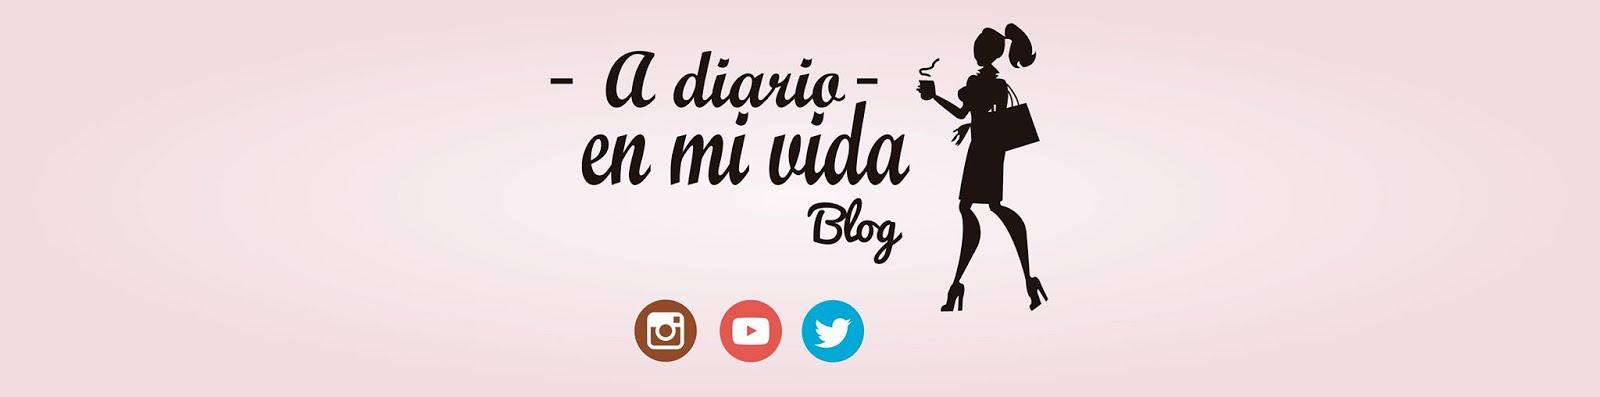 A Diario en mi vida Blog